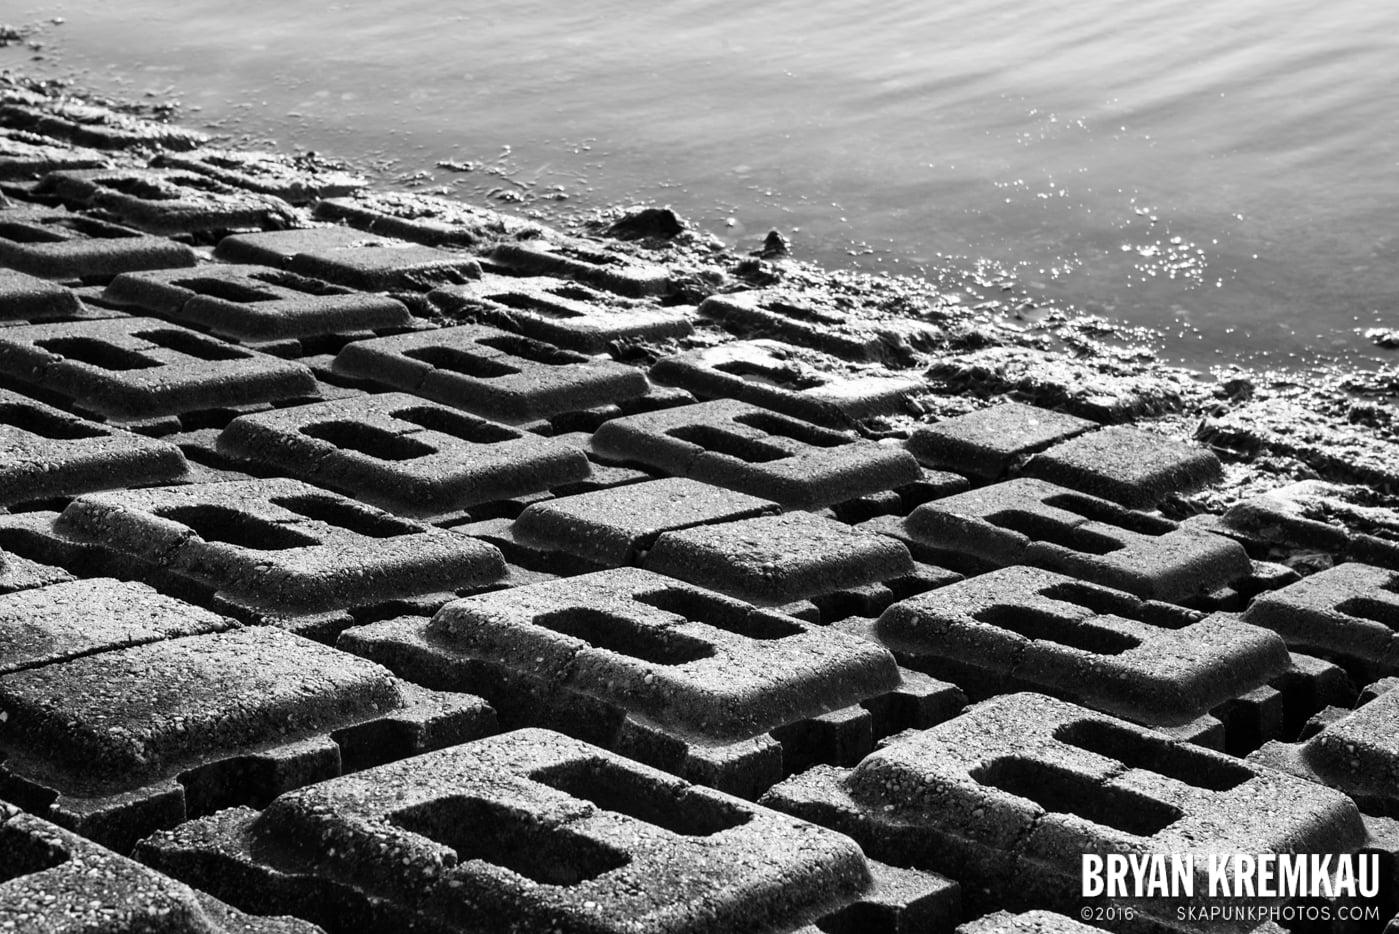 Beach Haven, Long Beach Island, NJ - 6.16.14 - 6.18.14 (88)